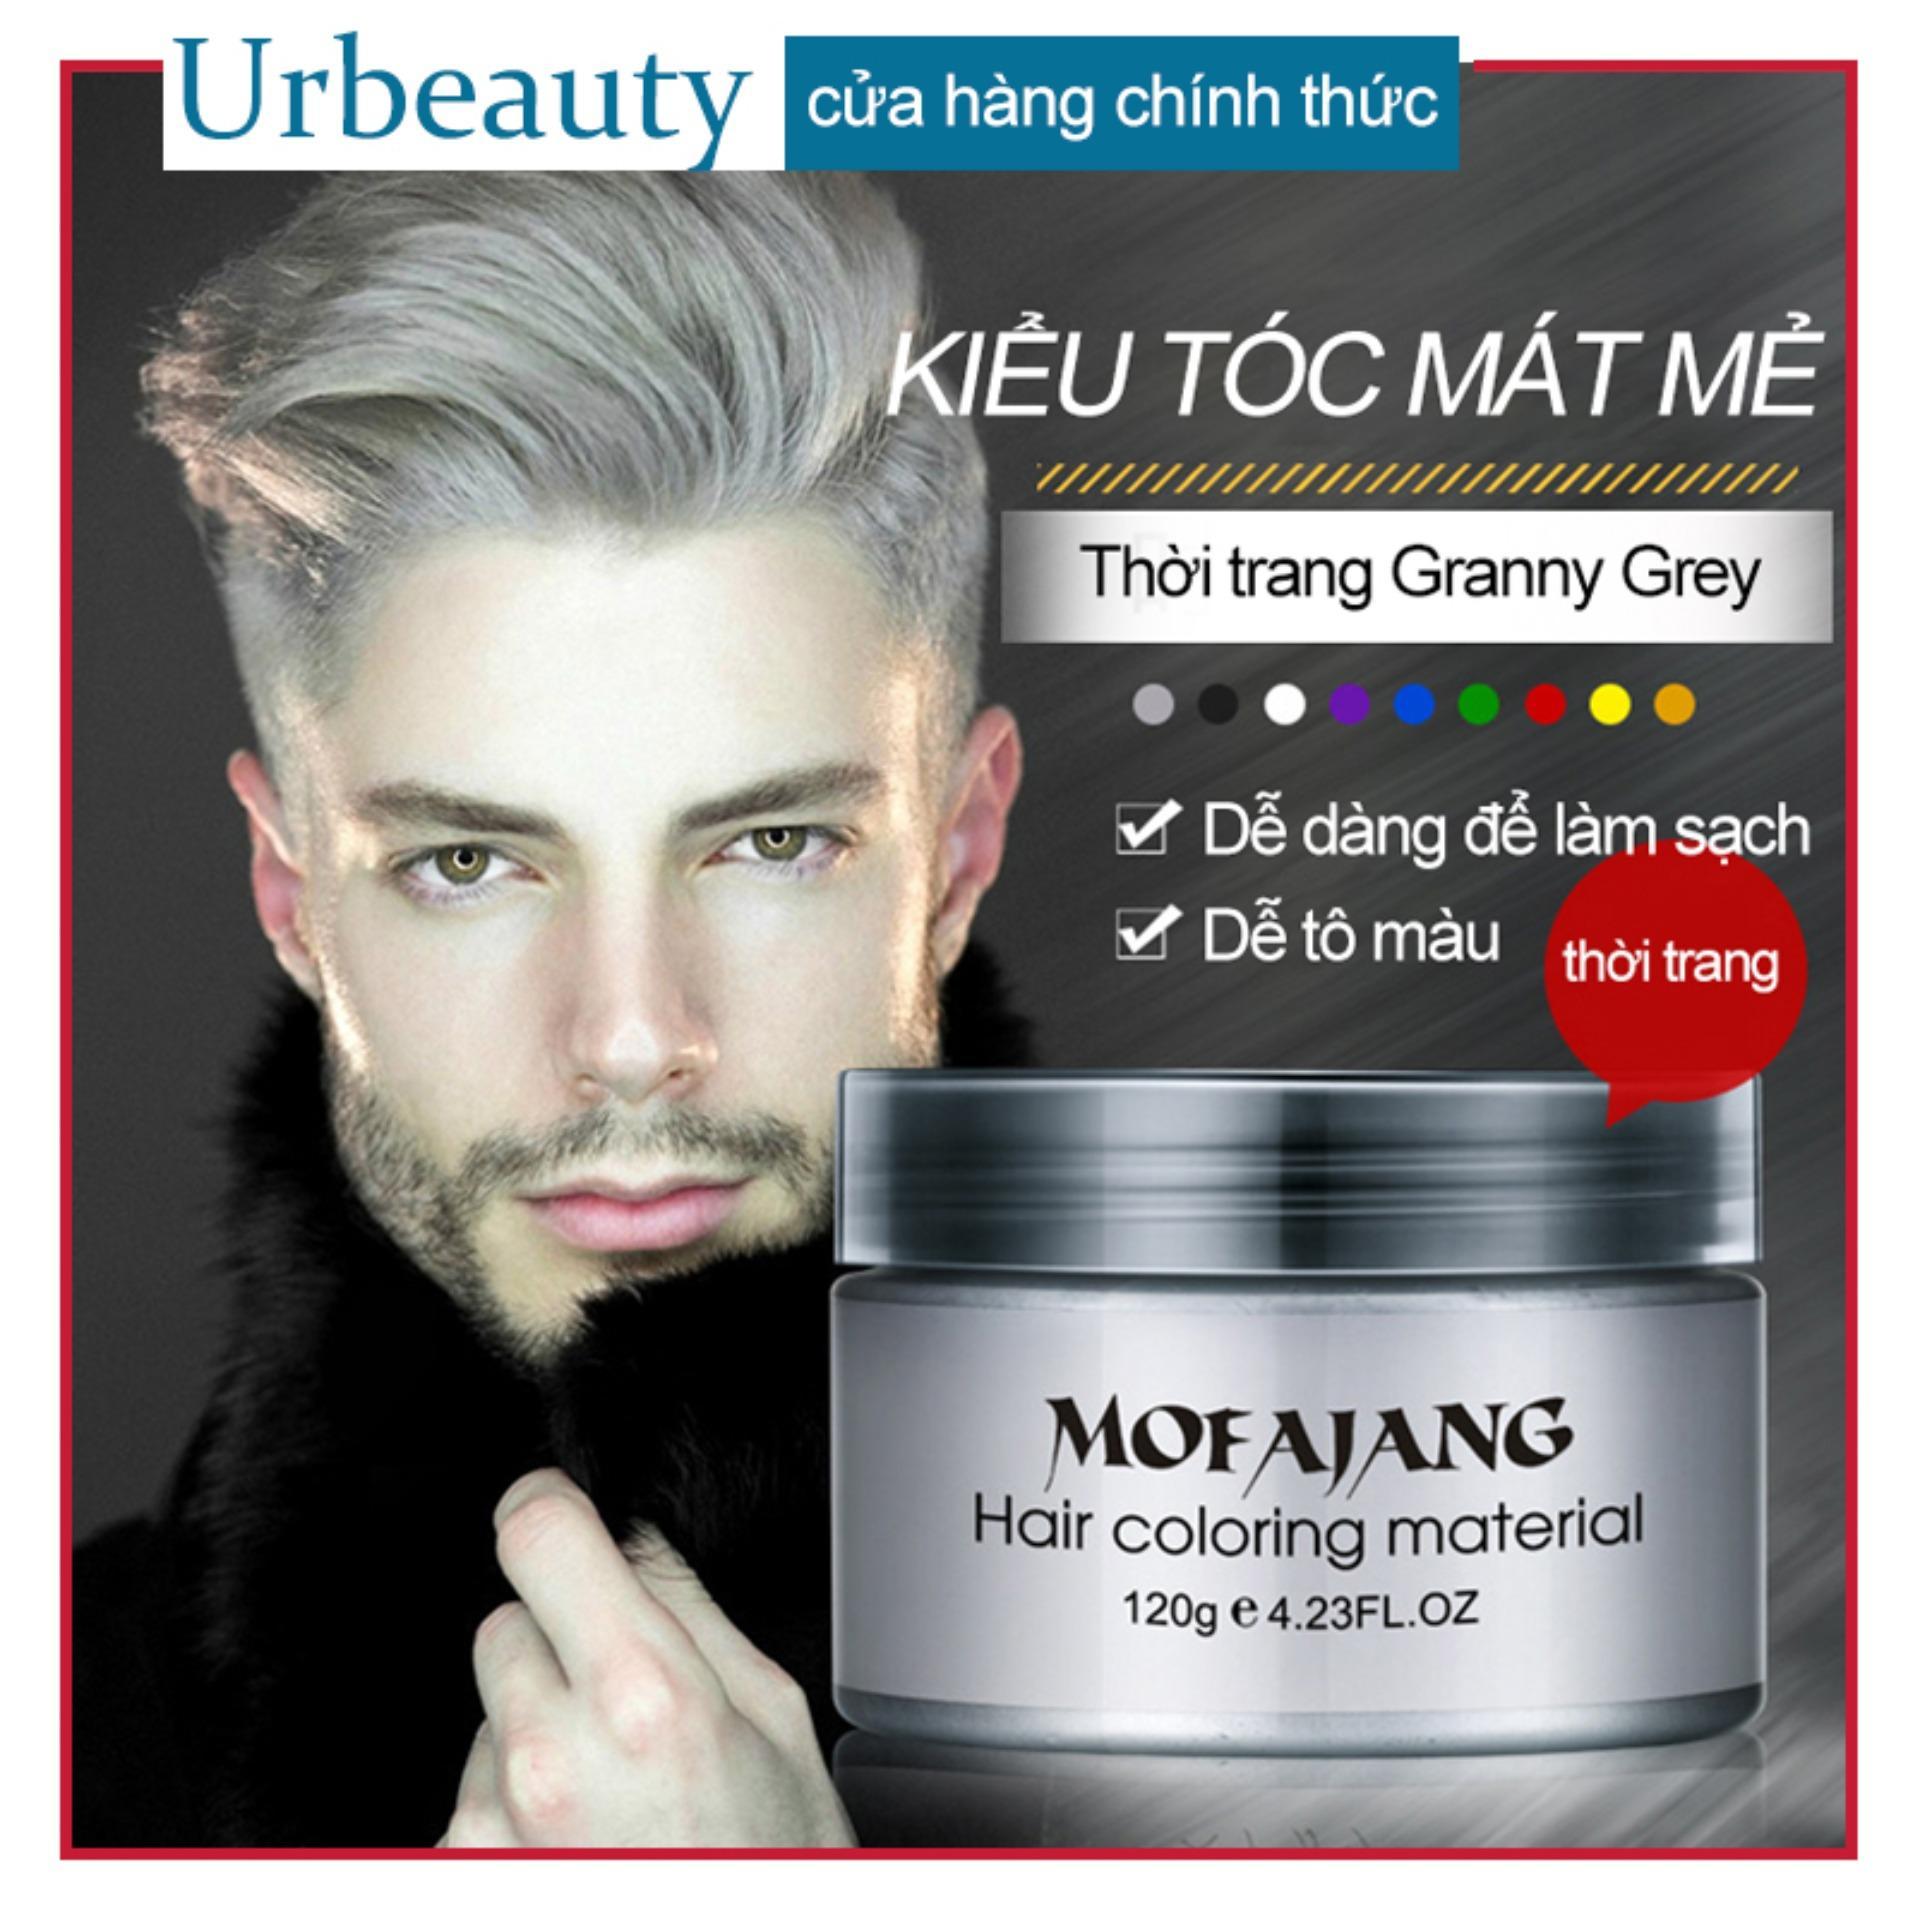 【Urbeauty】WAX đổi màu tóc đến từ Japan. Wax đổi màu tóc cho mùa tết 2019 không gây bám dính tay